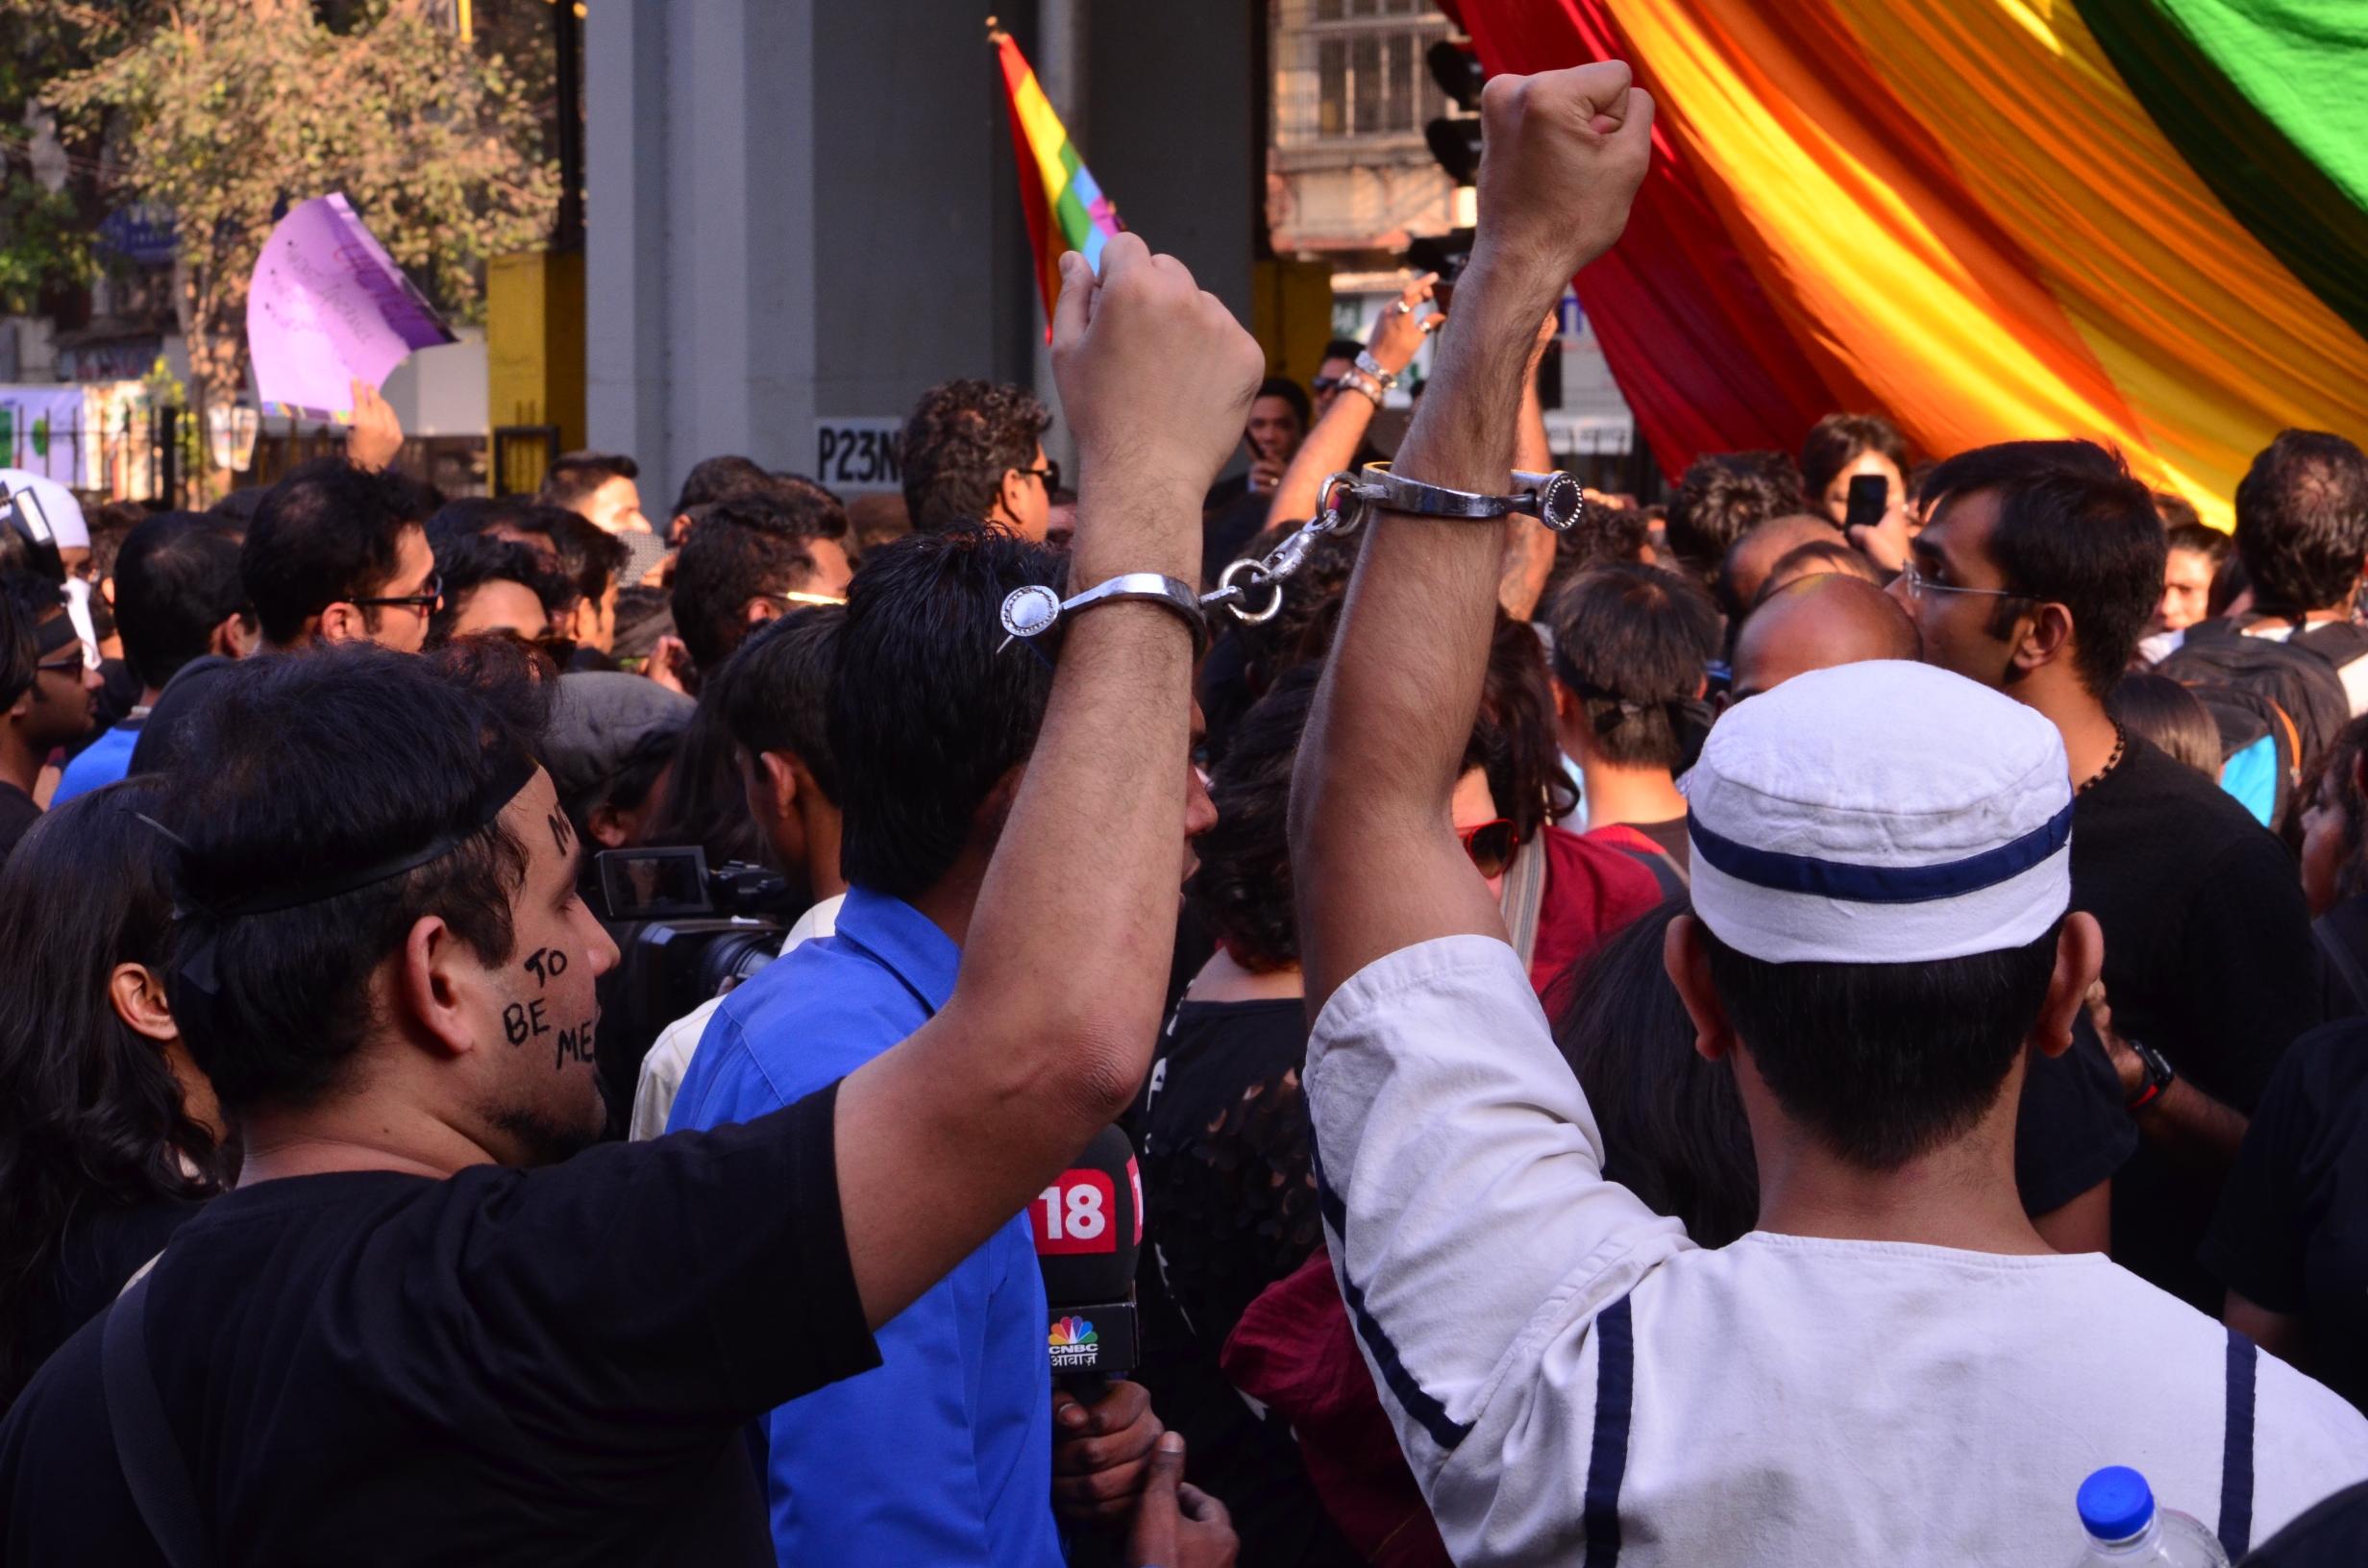 हम नहीं हैं अपराधी! तस्वीर: बृजेश सुकुमारन